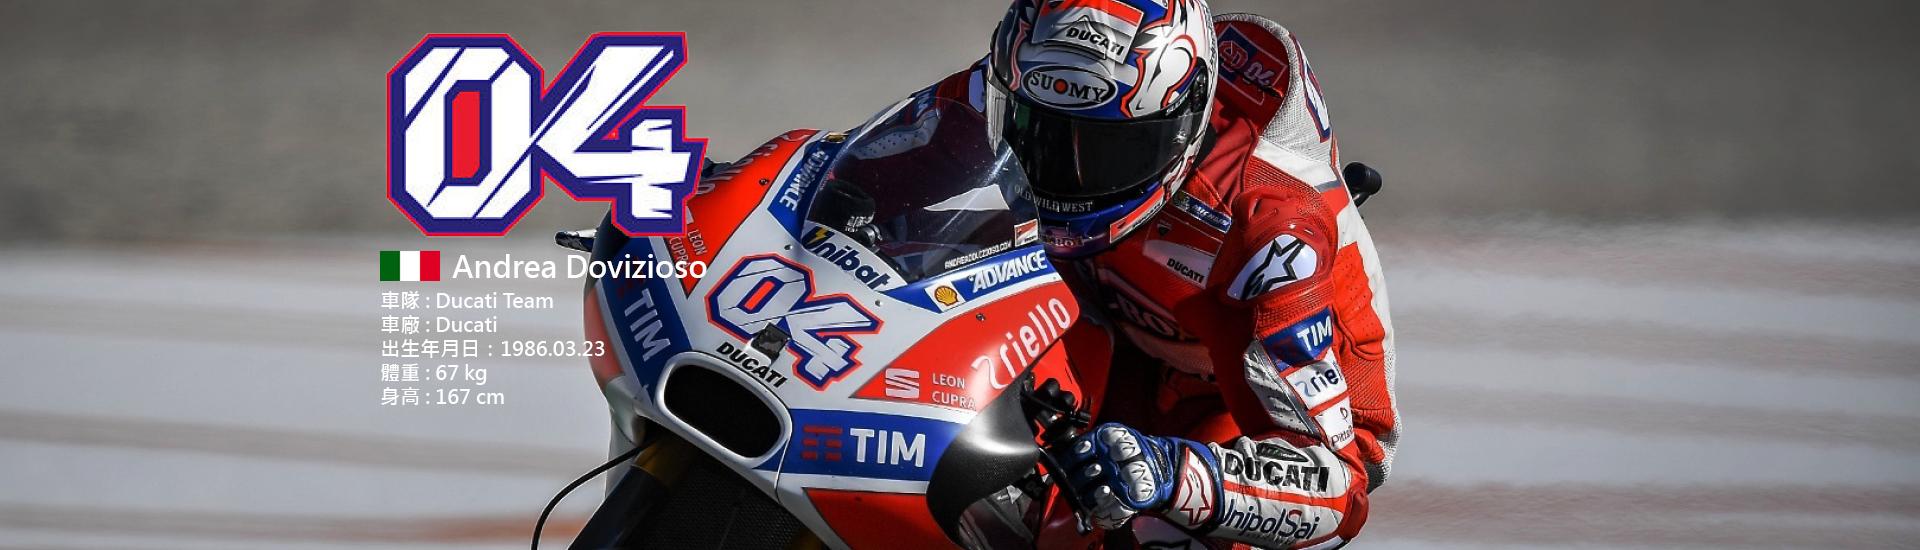 2018 MotoGP 【4】Andrea Dovizioso